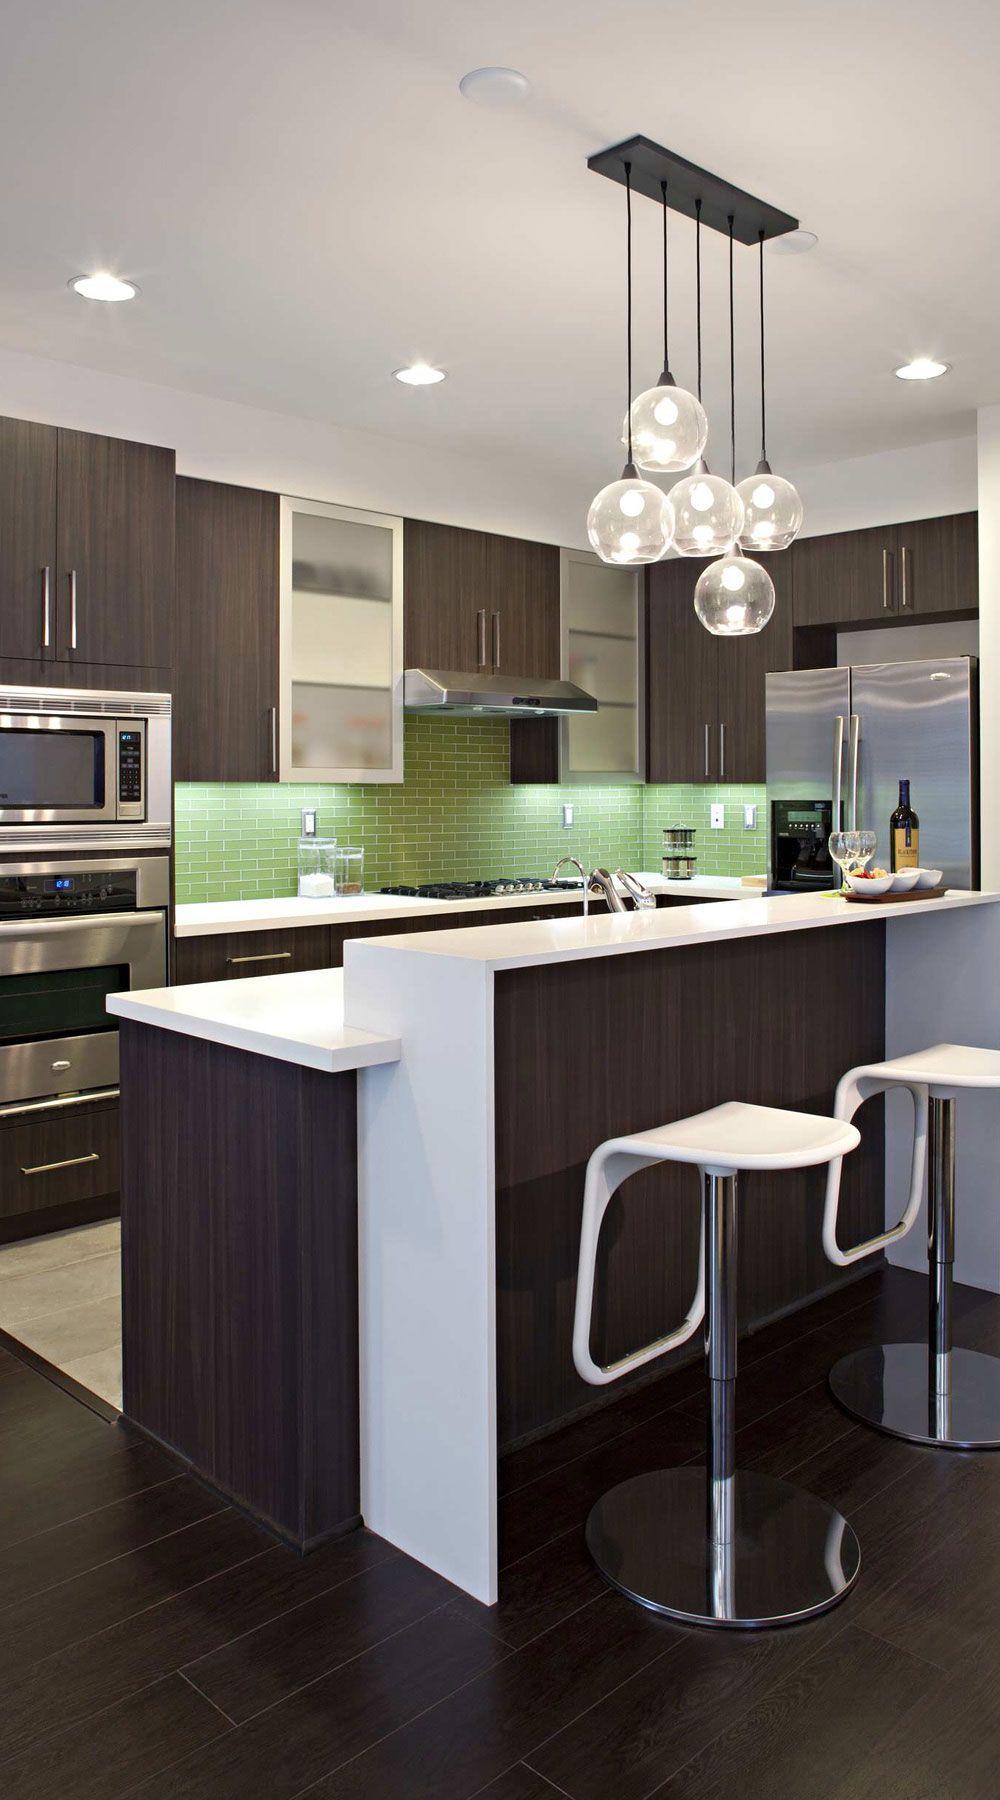 47 Espresso Kitchen Cabinets Espresso Shaker Sleek Modern In 2021 Kitchen Design Small Contemporary Kitchen Design Kitchen Design Modern Small